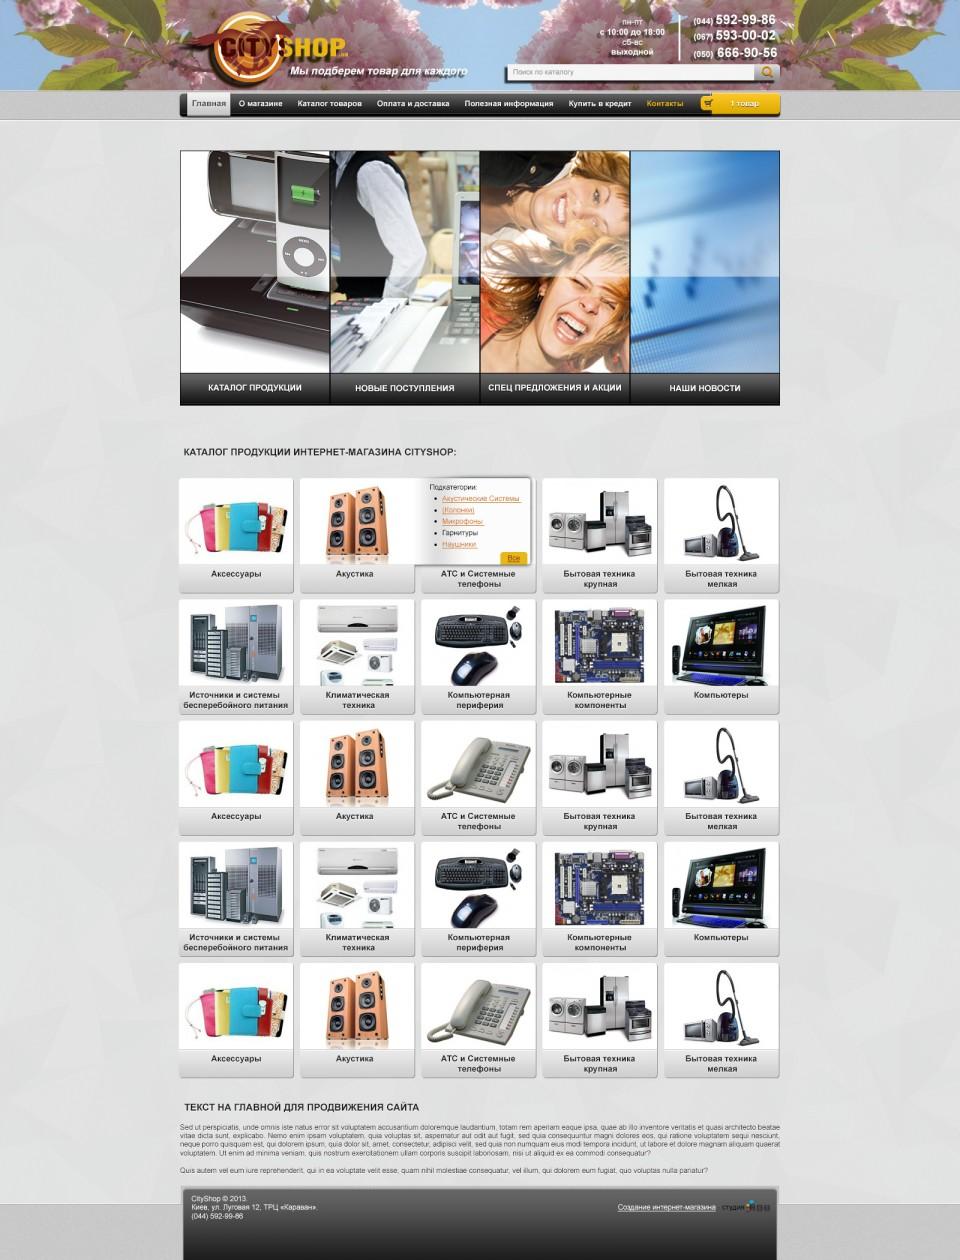 Главная интернет-магазина домашней и офисной техники